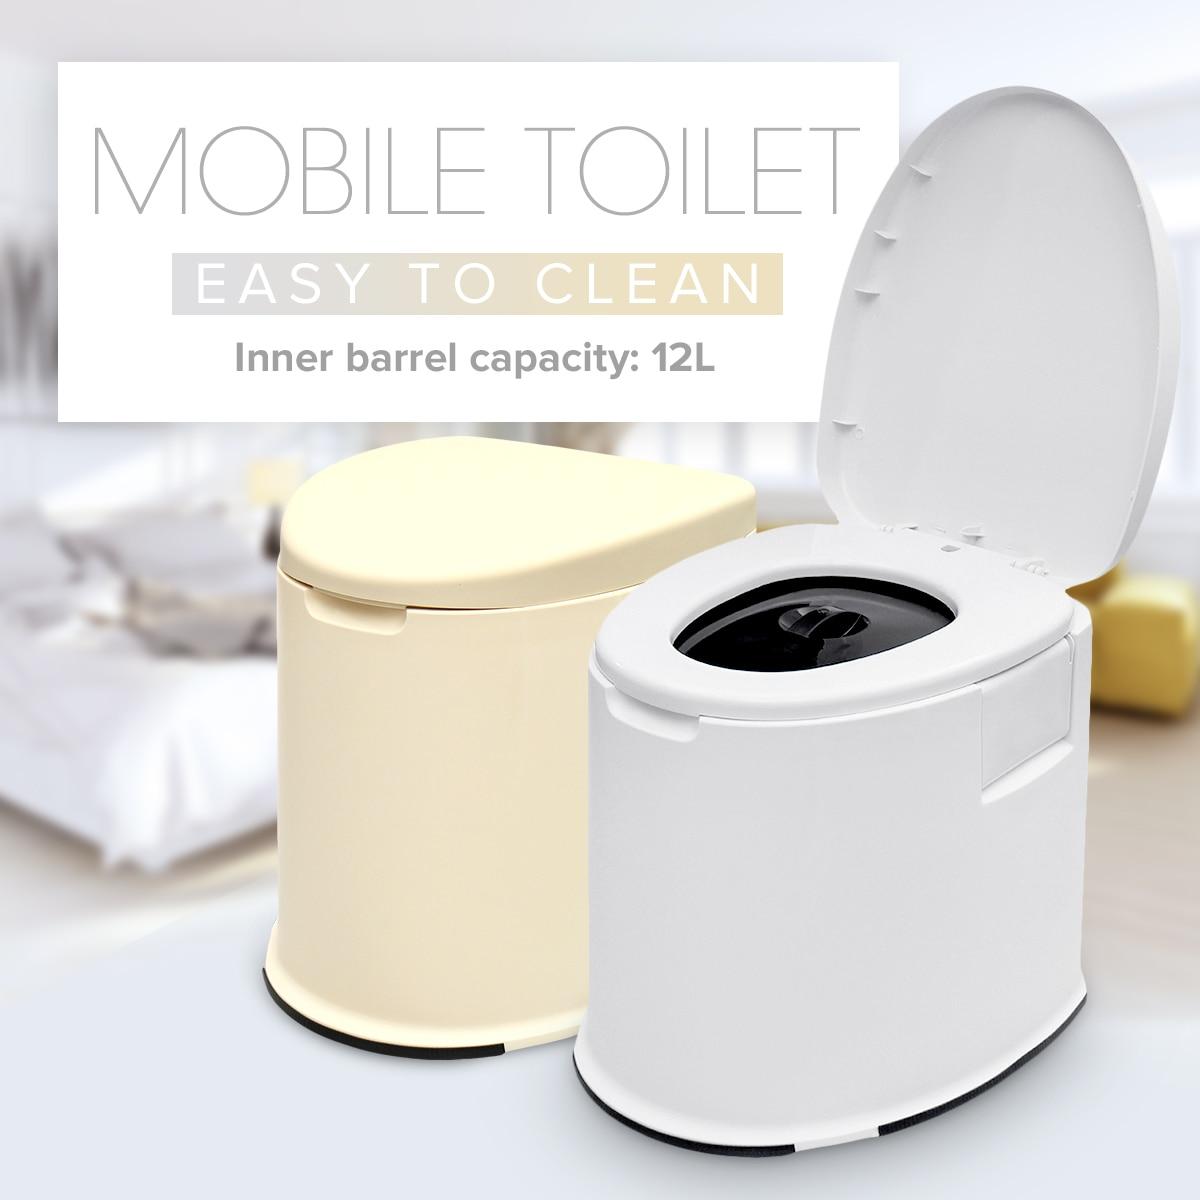 12L Capacité Portable Toilettes Toilettes Camp De Camping En Plein Air Outil Mobile Toilettes Camping Caravane Voyage Pot